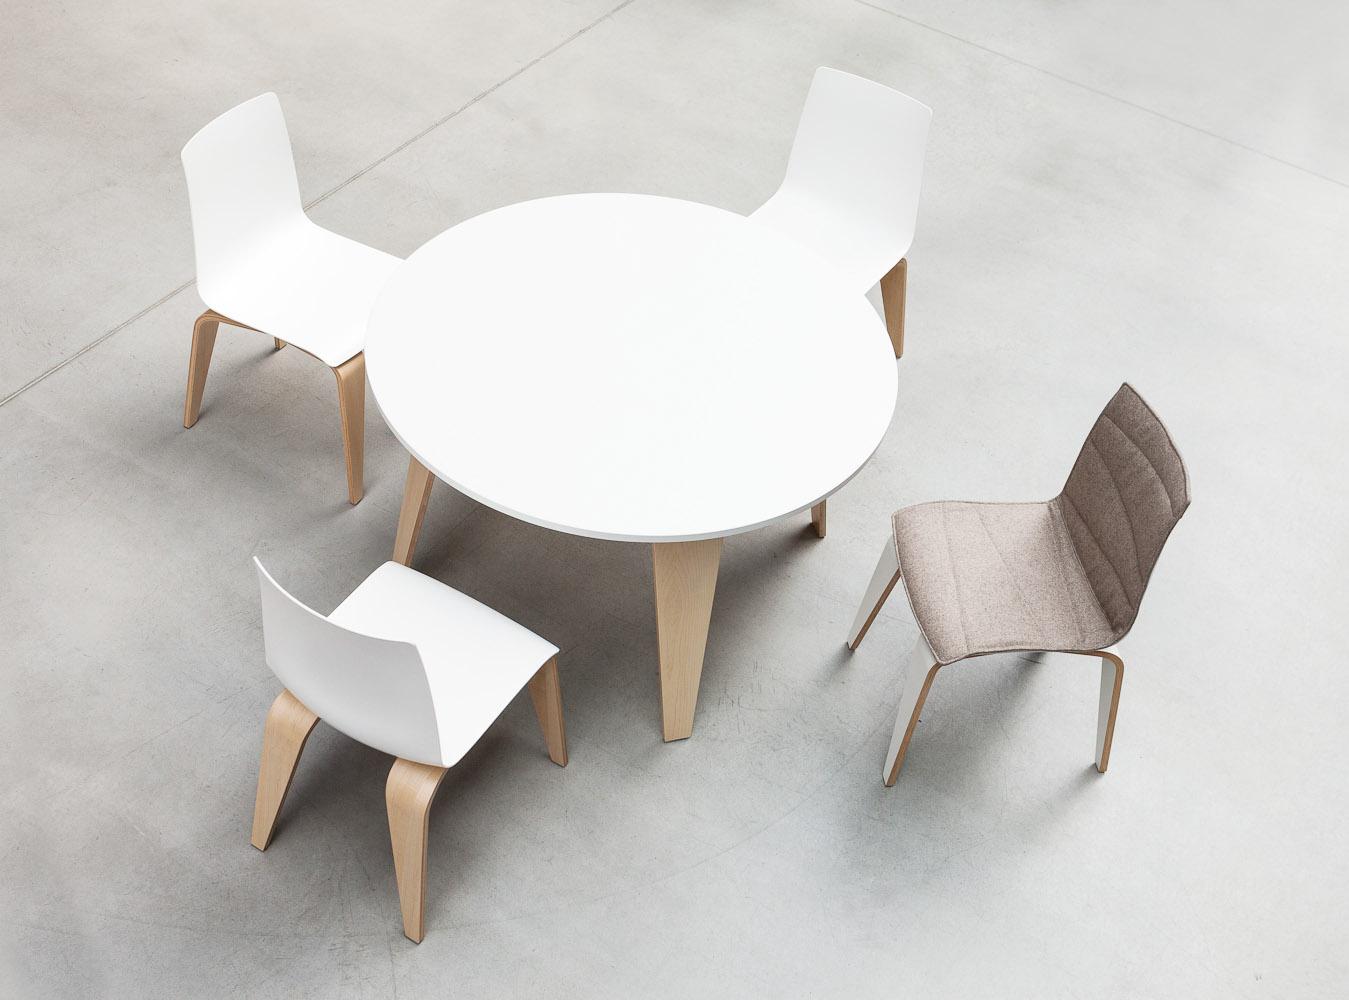 Krzesło PIGI jest połączeniem naturalności giętego drewna, z którego wykonane są nogi z błyszczącym, lśniącym siedziskiem i oparciem z tworzywa sztucznego. W połączeniu ze stołem tworzy idealne rozwiązanie dla przestrzeni kawiarni, cafeterii i miejsc spotkań.